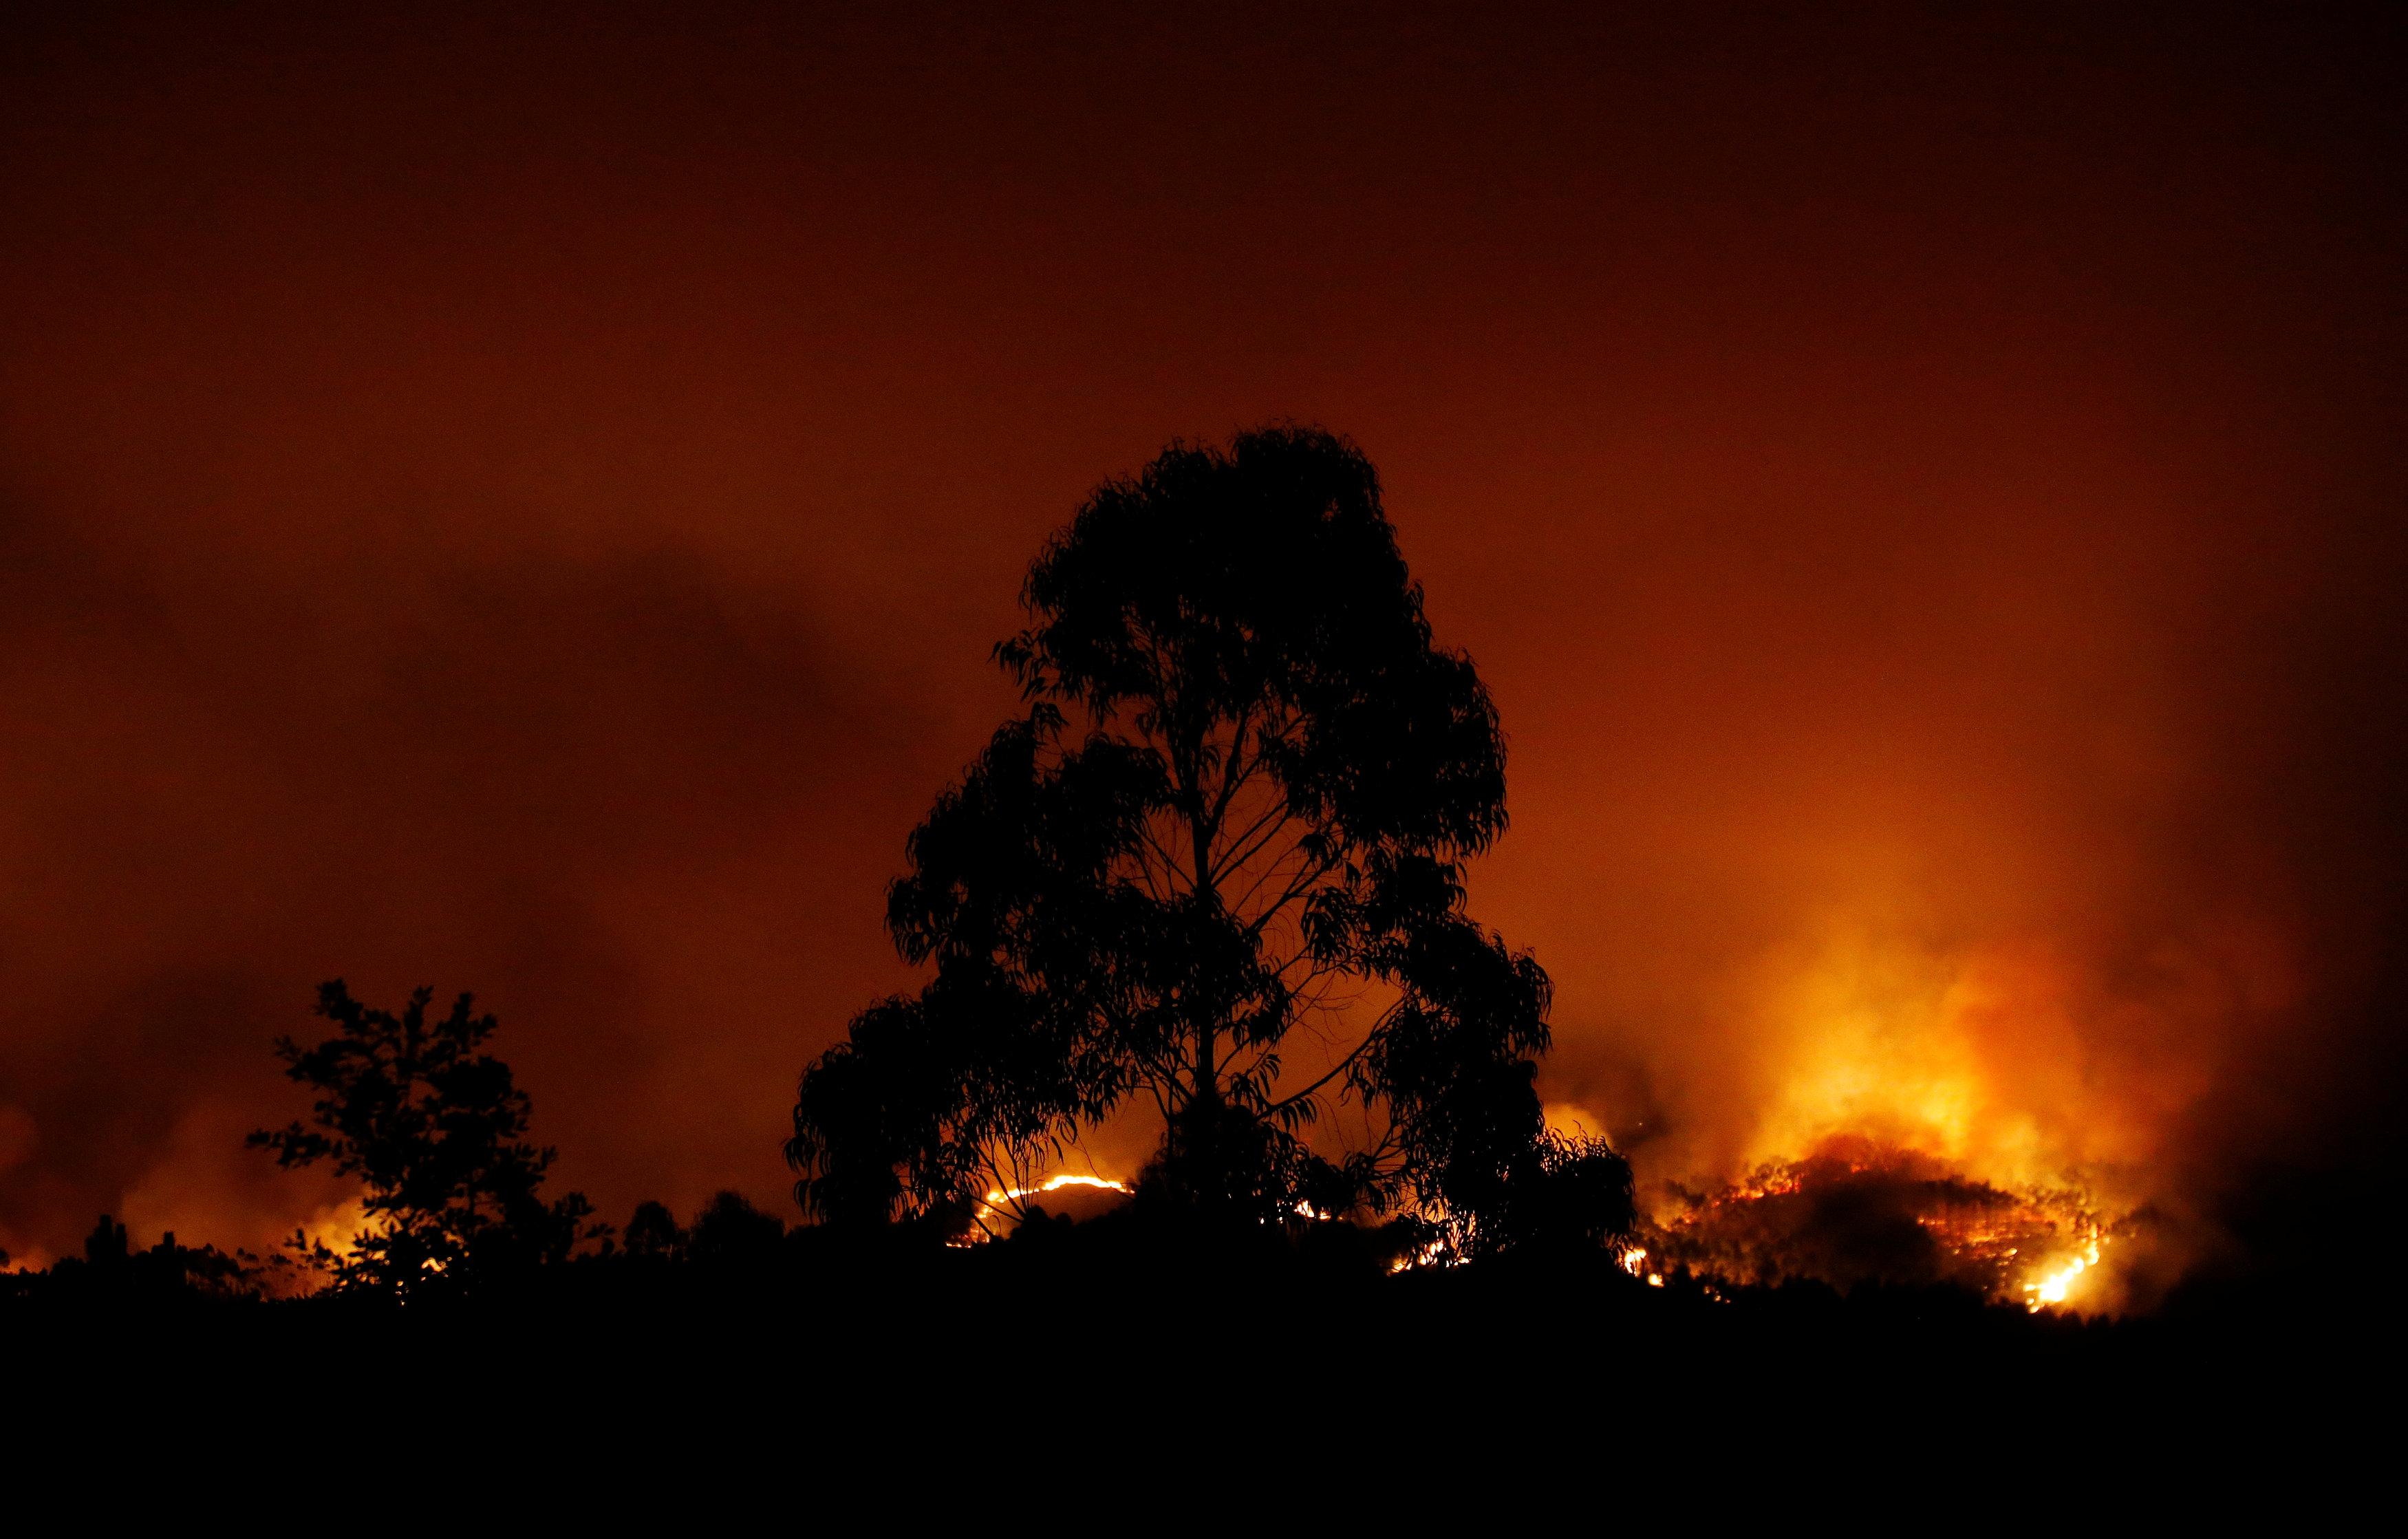 النيران تلتهم مئات الافدنة فى غابات البرتغال